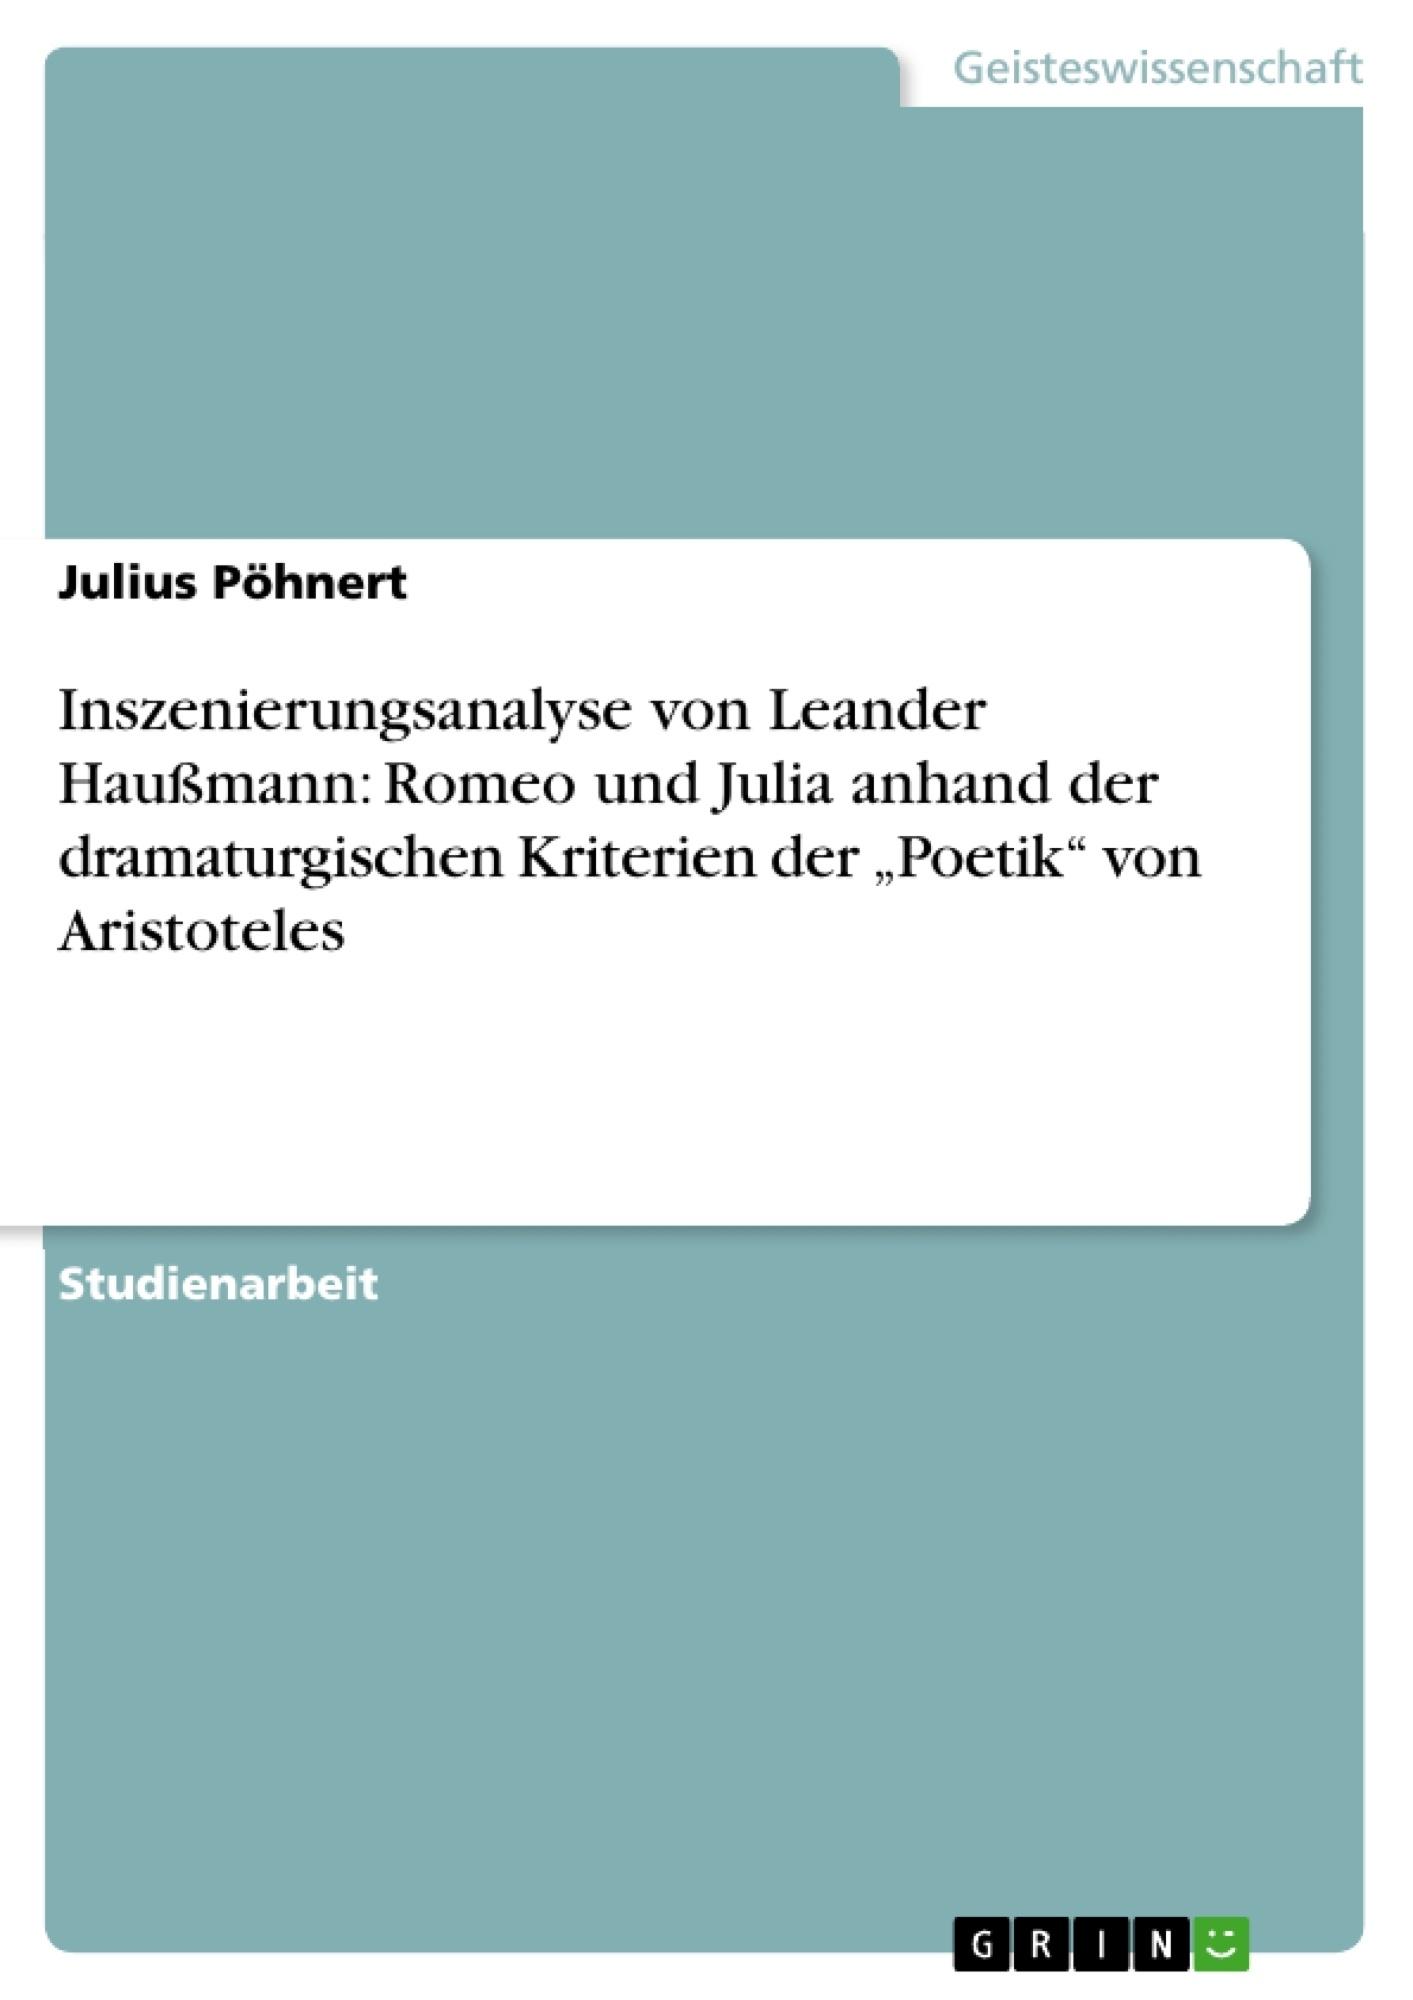 """Titel: Inszenierungsanalyse von Leander Haußmann: Romeo und Julia anhand der dramaturgischen Kriterien der """"Poetik"""" von Aristoteles"""